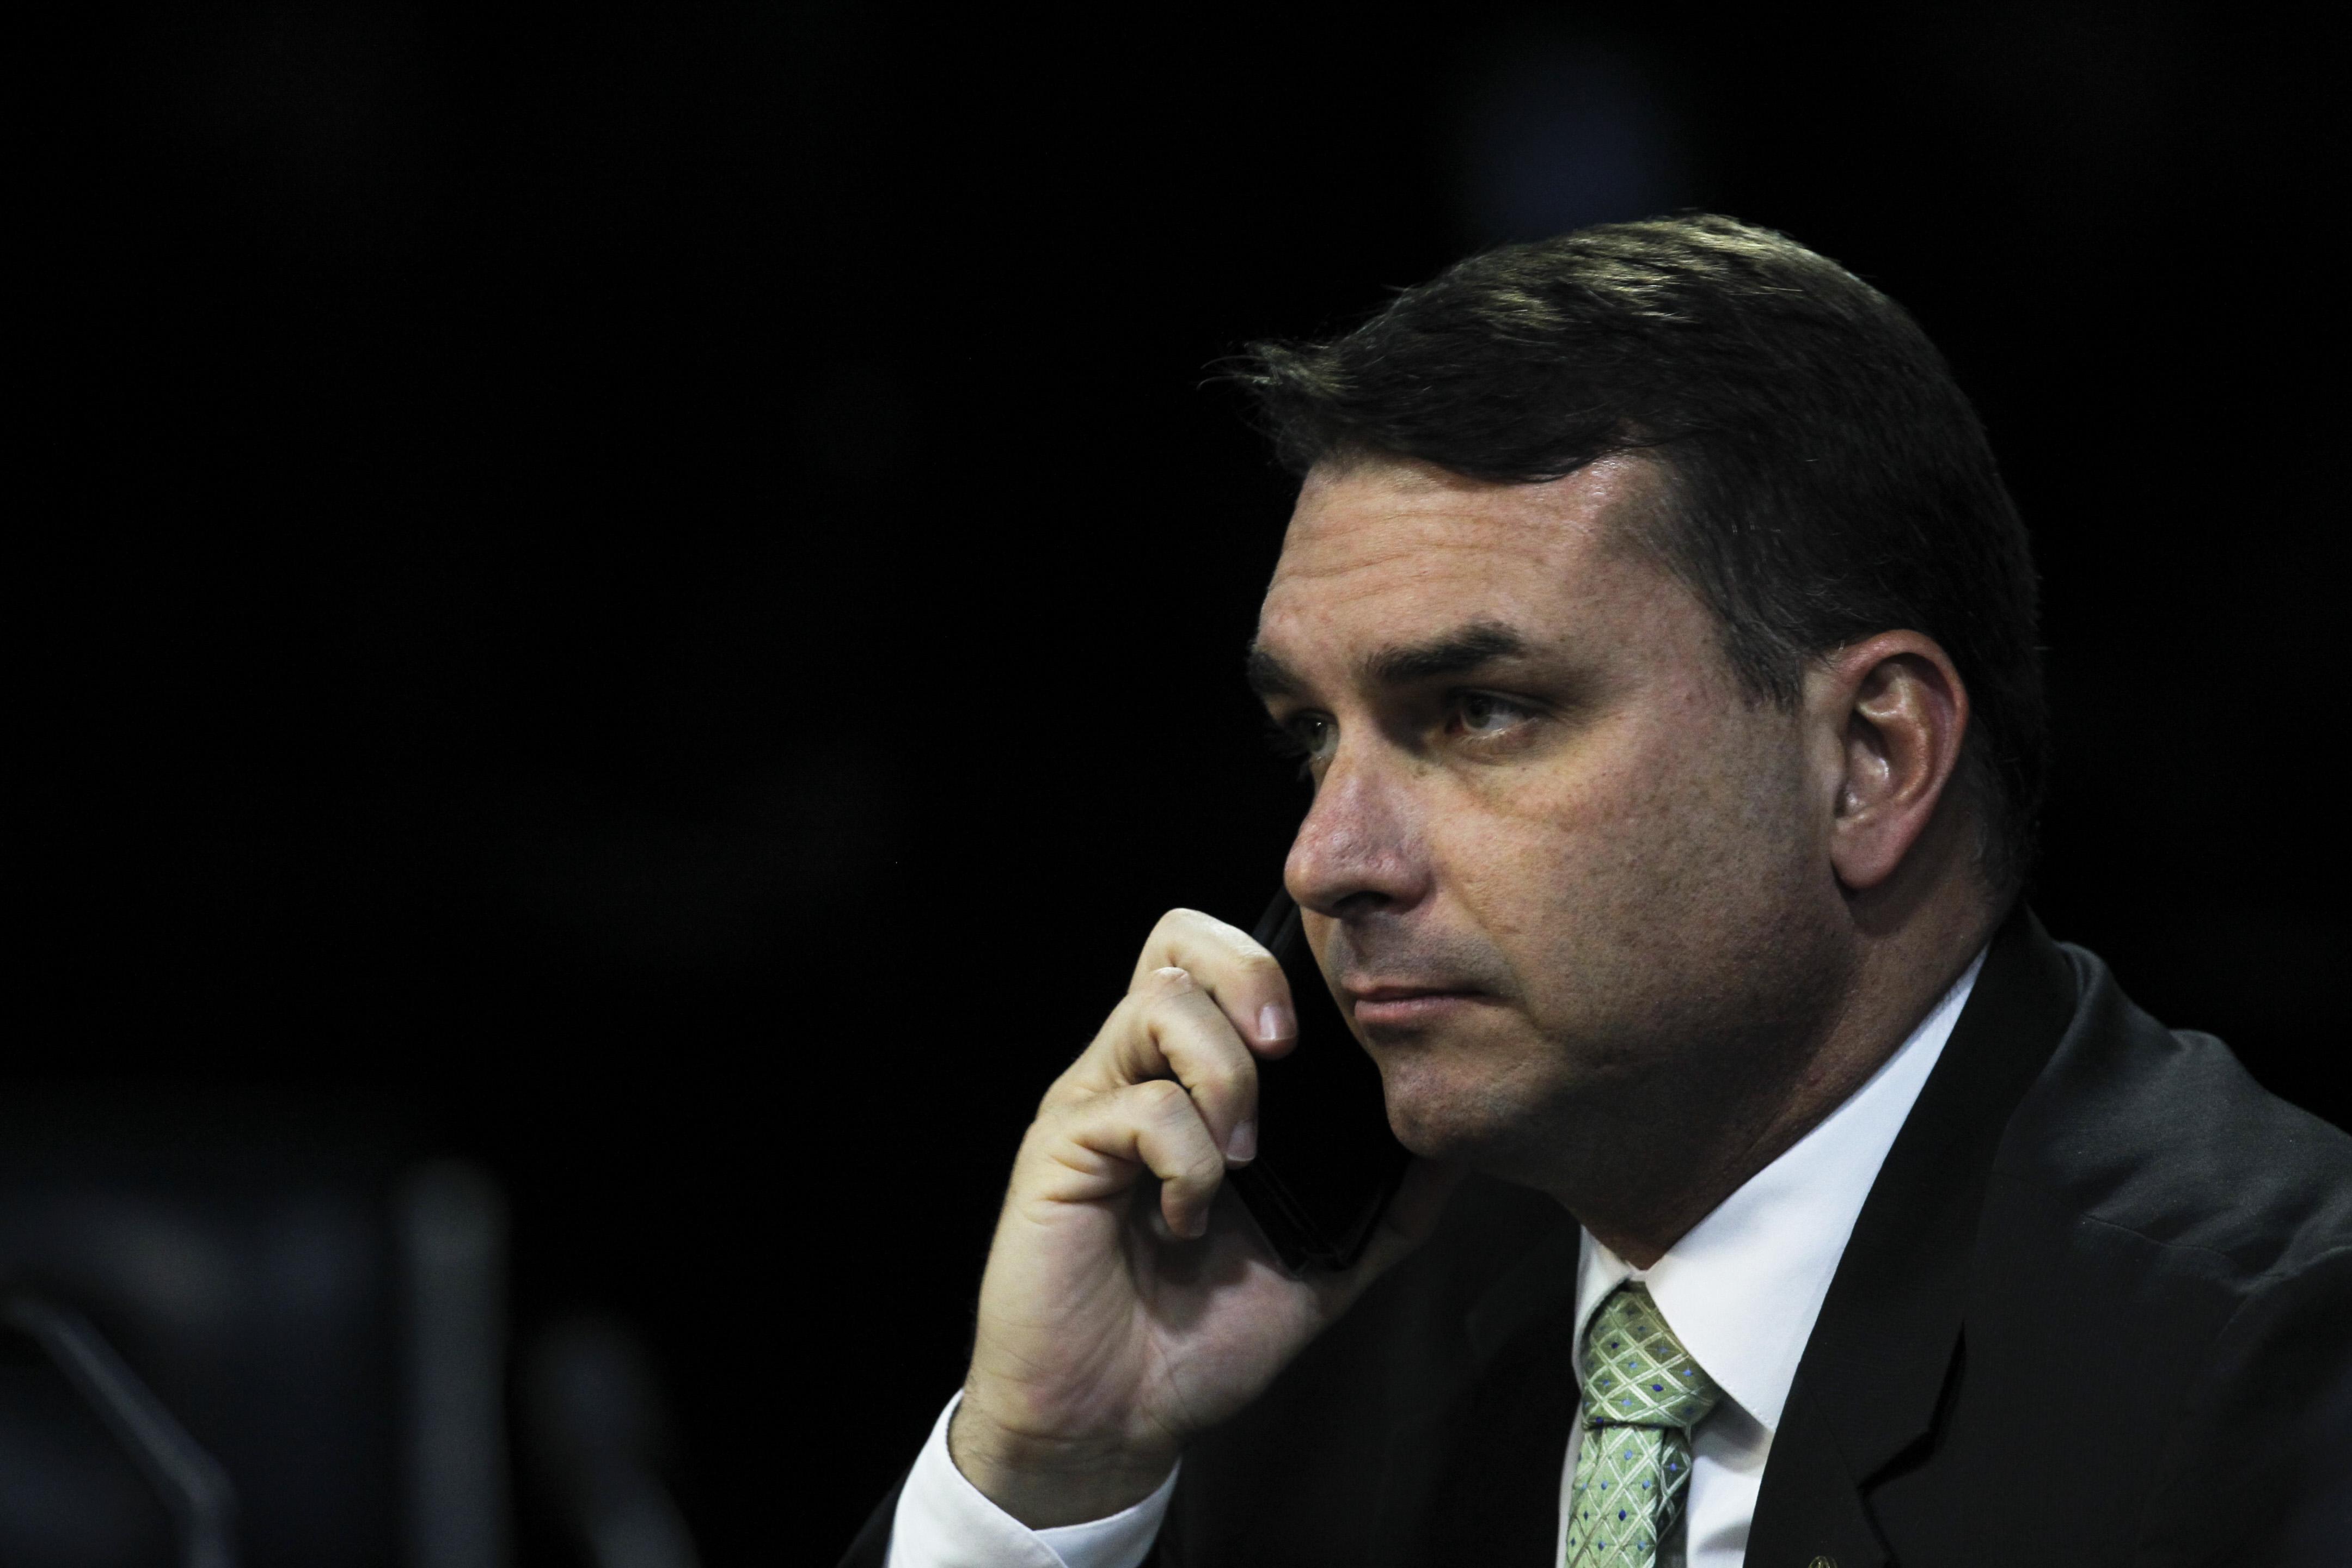 Flávio Bolsonaro usou R$ 500 mil do fundo partidário para pagar advogado investigado no caso Queiroz